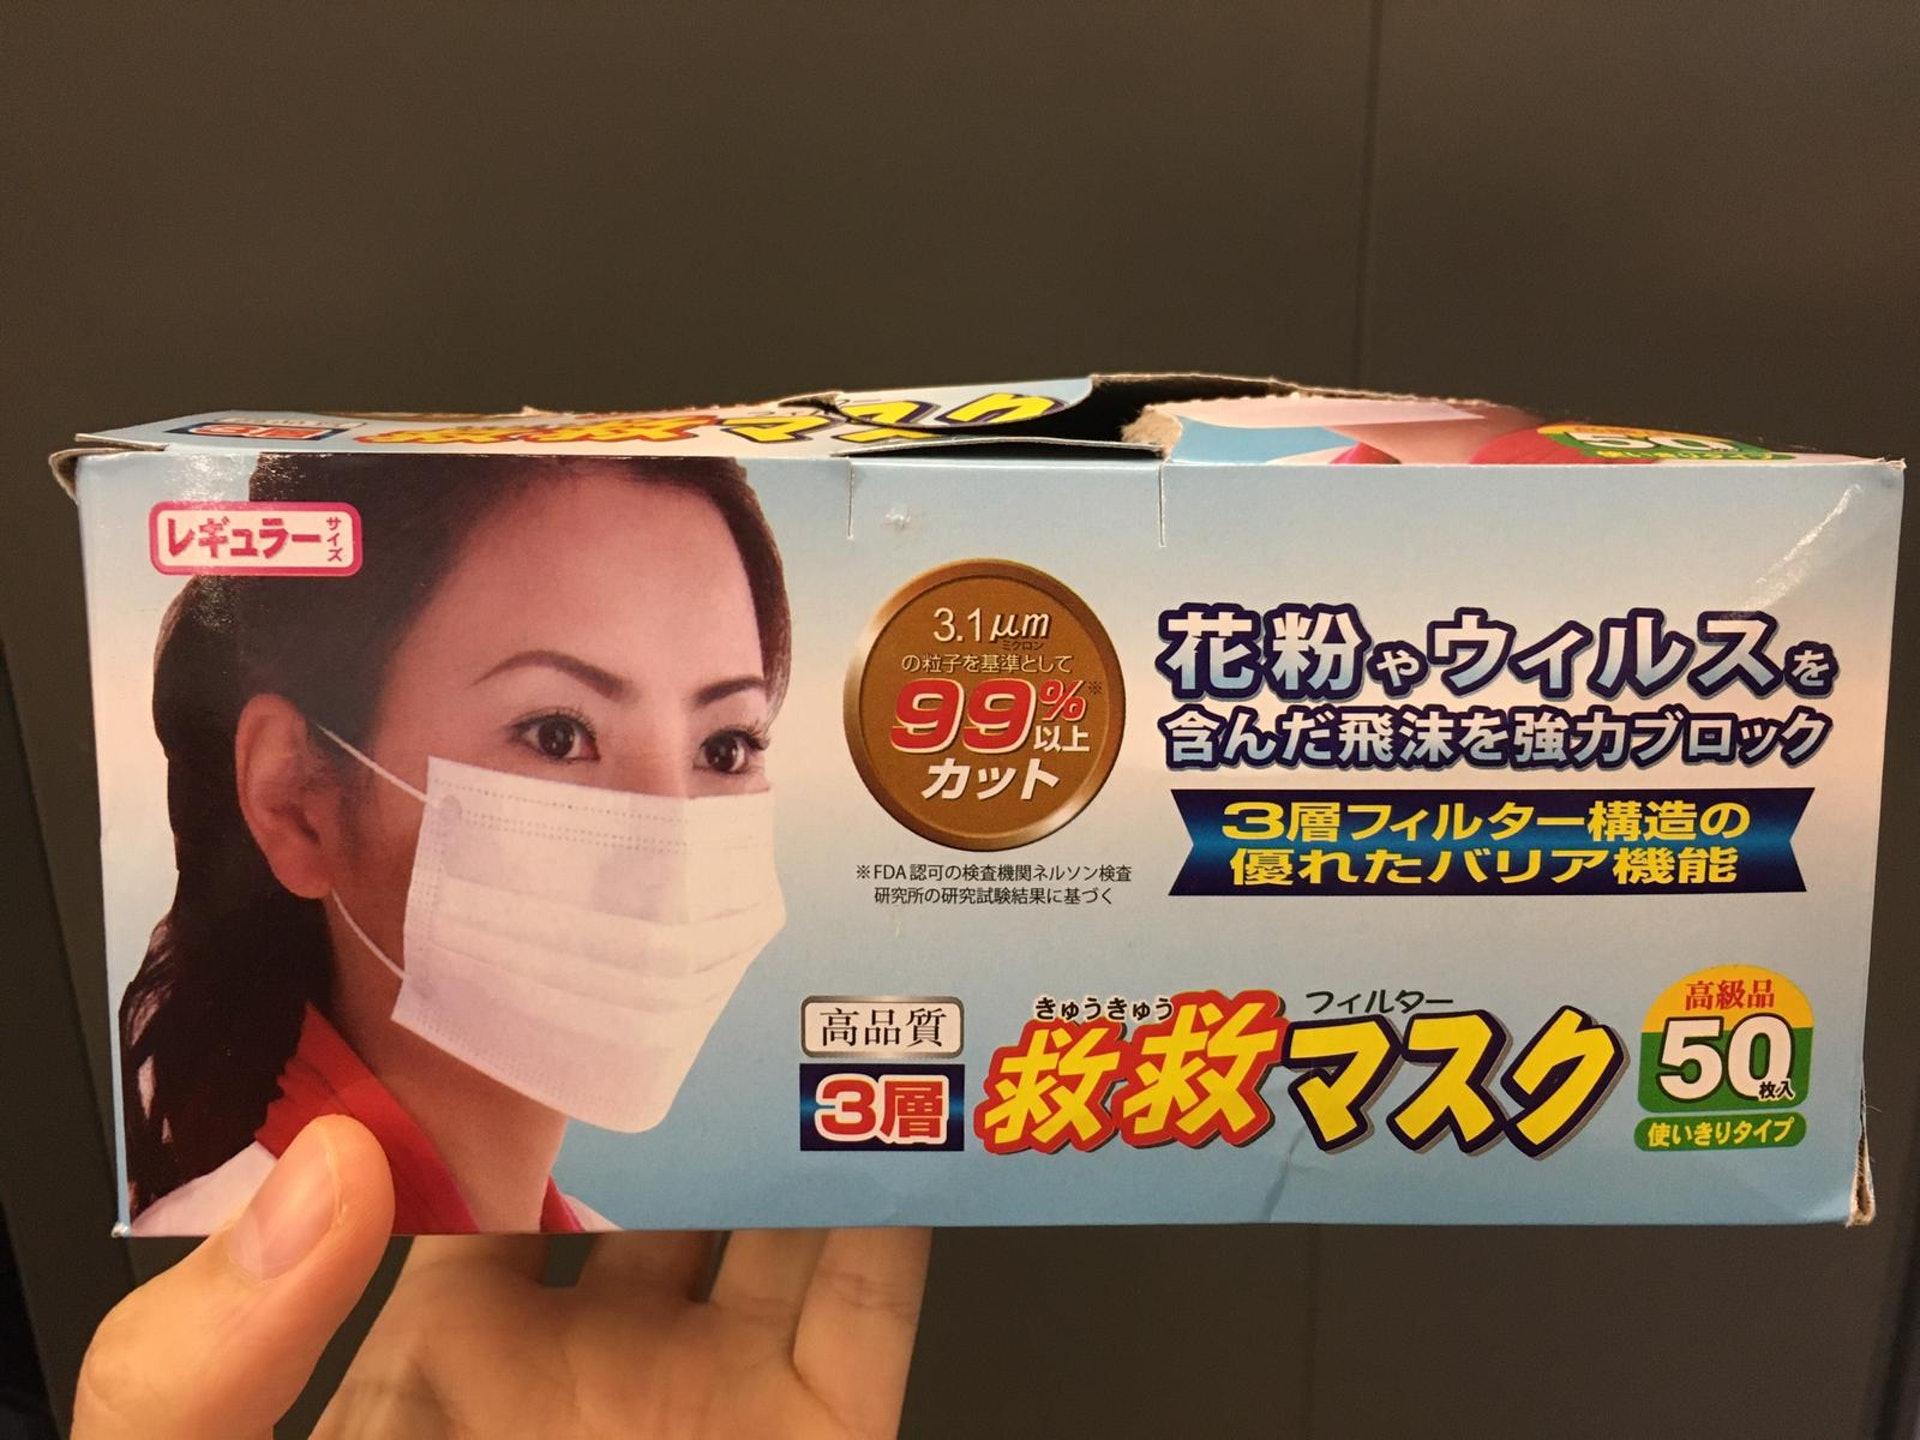 記者找來兩盒網上言傳無法阻隔細菌的「救救Mask」口罩,兩盒包裝不一,但都有寫上「救救Mask」字眼。兩者包裝外層,都標榜口罩能防止花粉及病毒的飛沬傳播,而且有三層過濾,能阻隔外來物質。